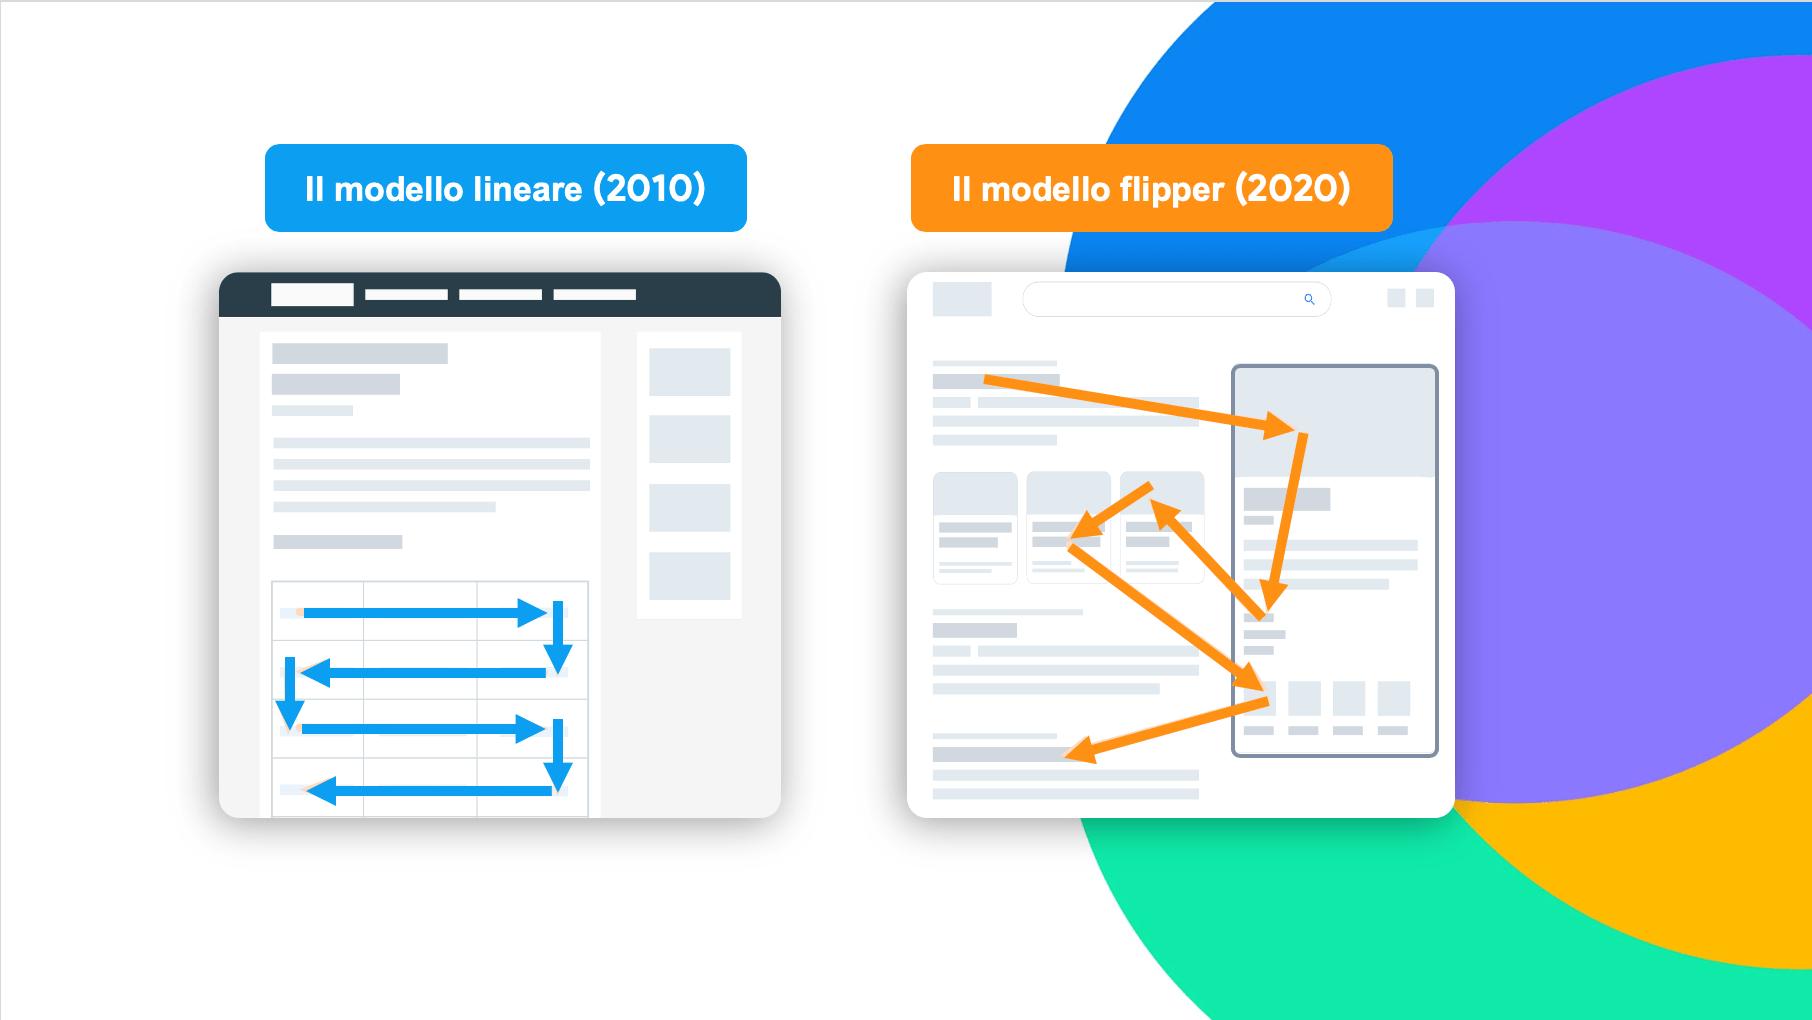 il-modello-lineare-e-il-modello-flipper-leggono-pagina-web